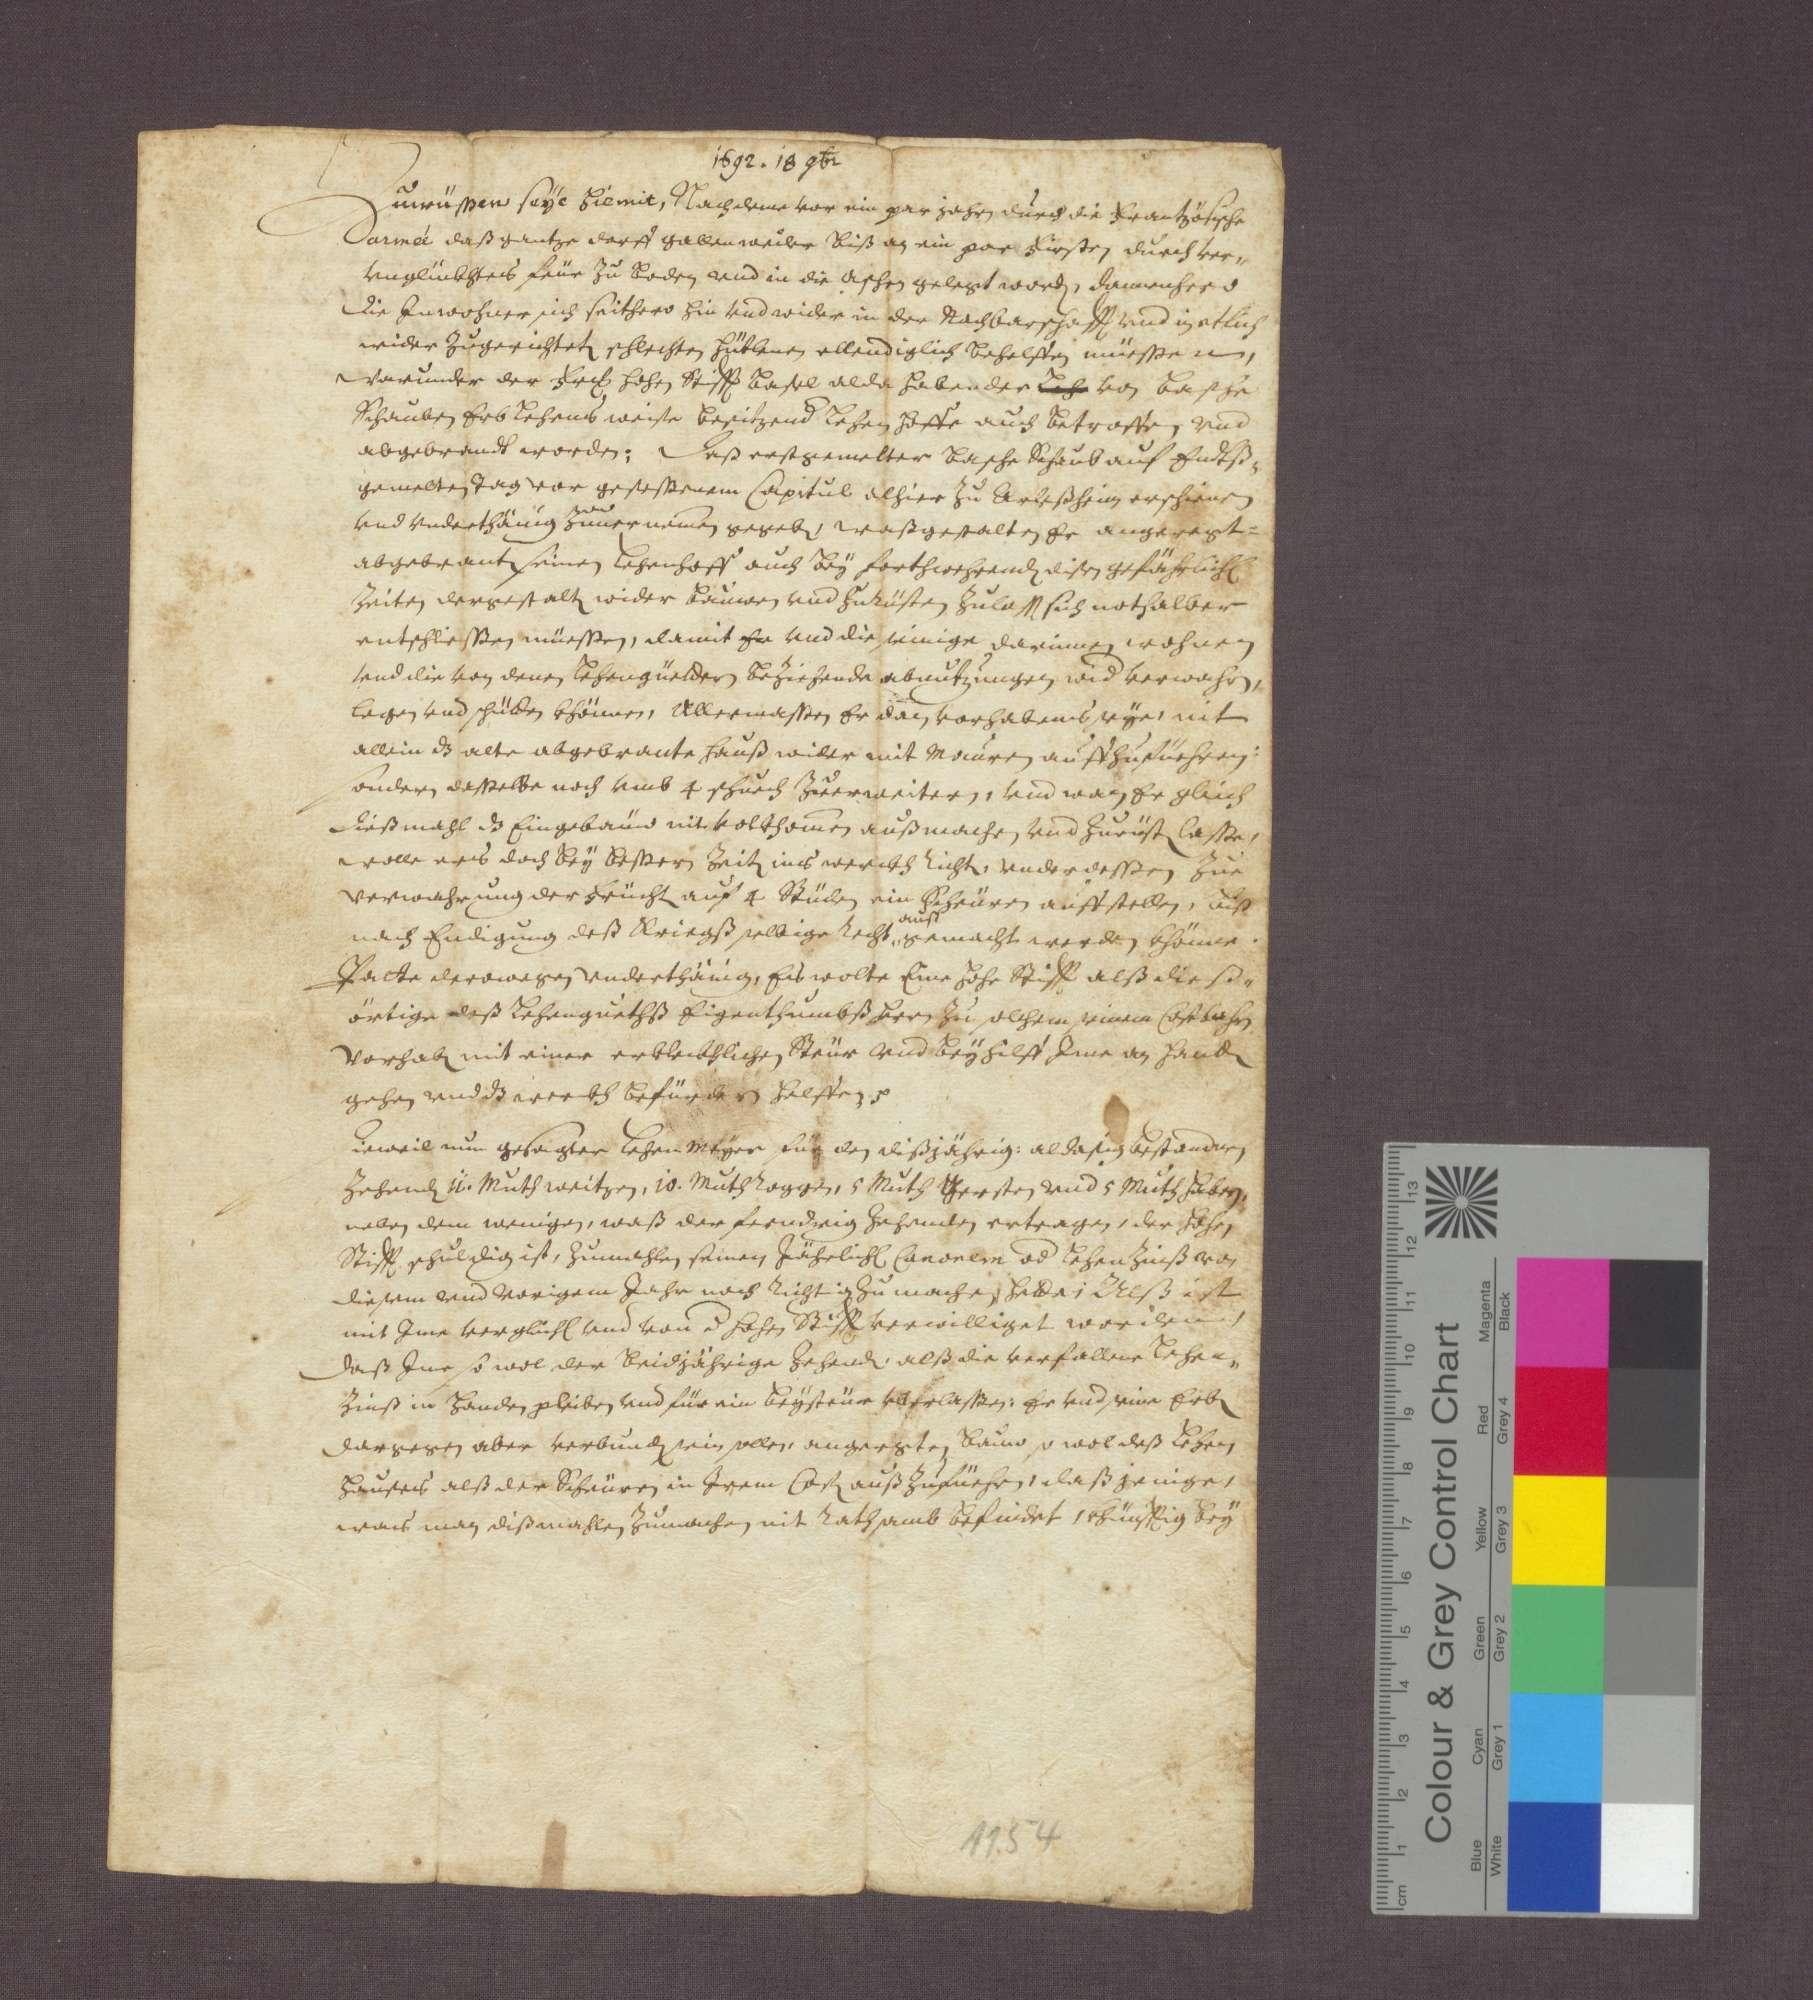 Verlgeich zwischen dem Domstift Basel und Basche Schaub von Gallenweiler über die Wiedererichtung seines niedergebrannten Lehenshofs., Bild 1